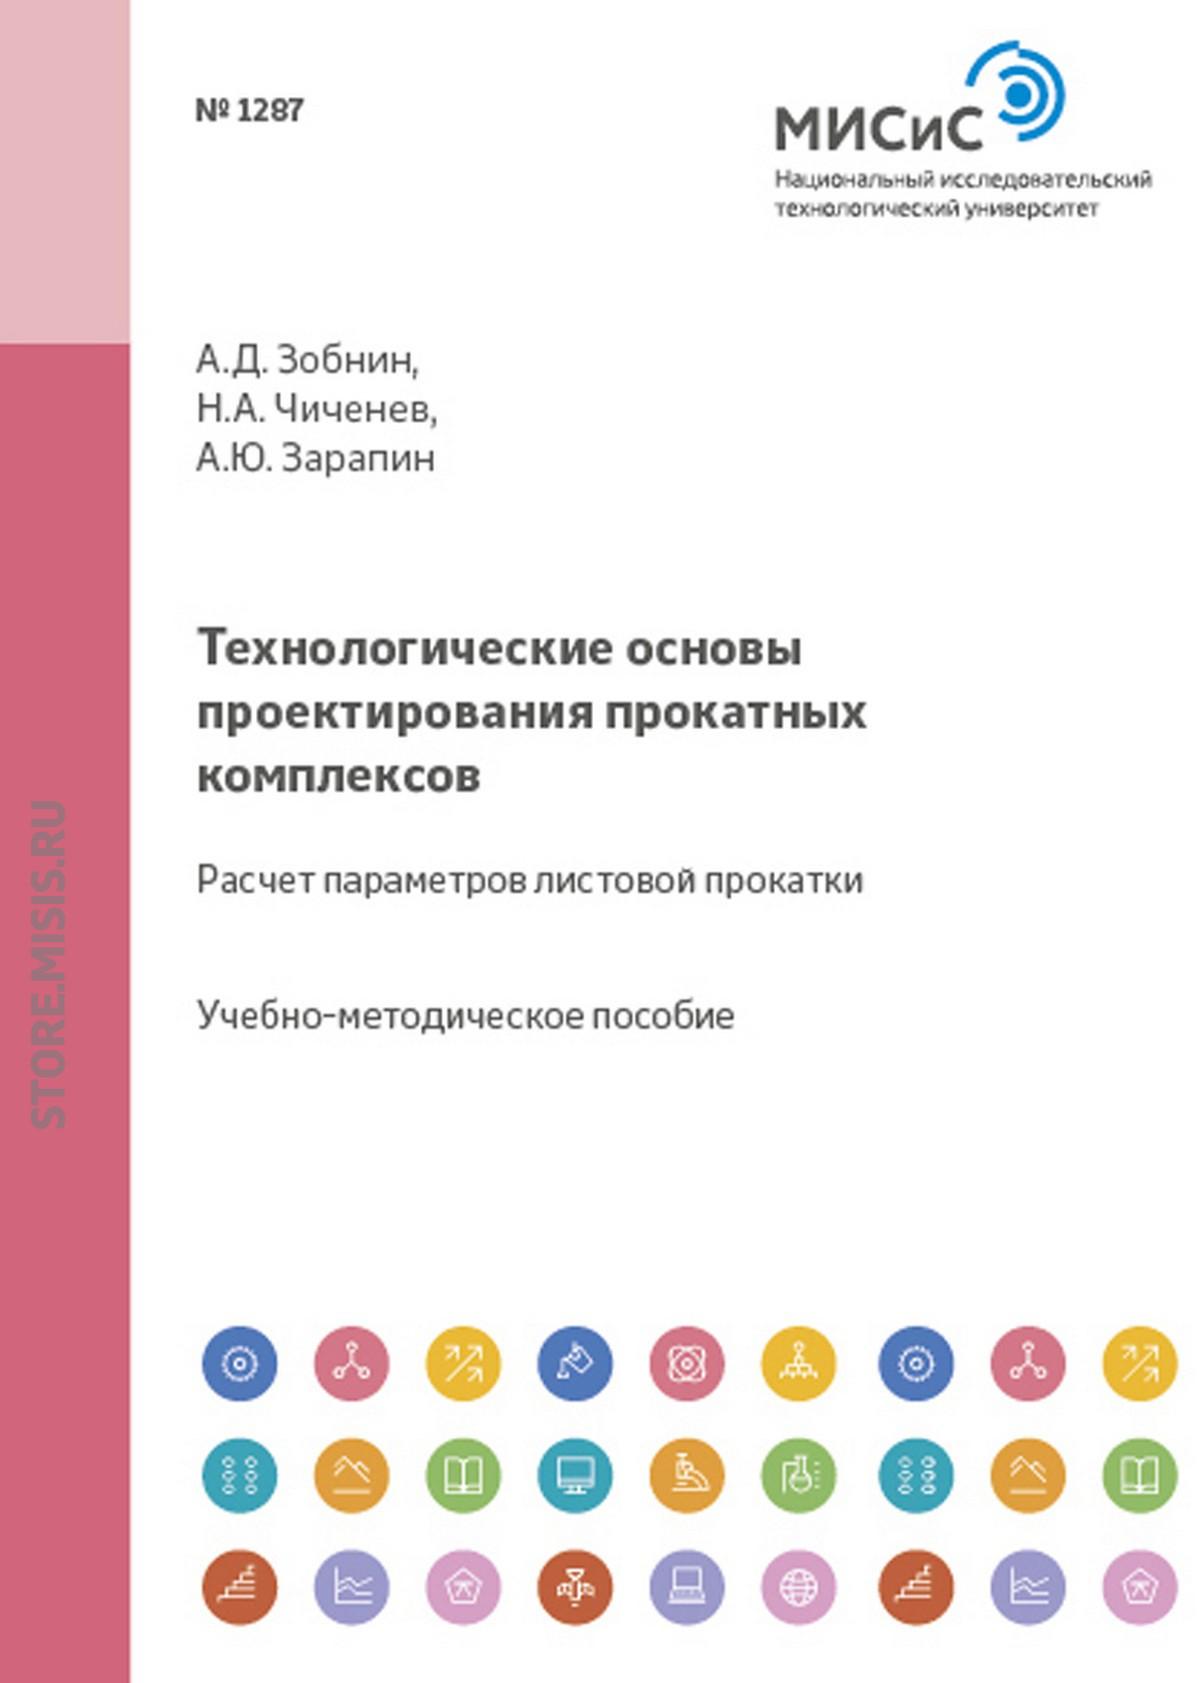 Александр Зарапин Технологические основы проектирования прокатных комплексов. Расчет параметров листовой прокатки